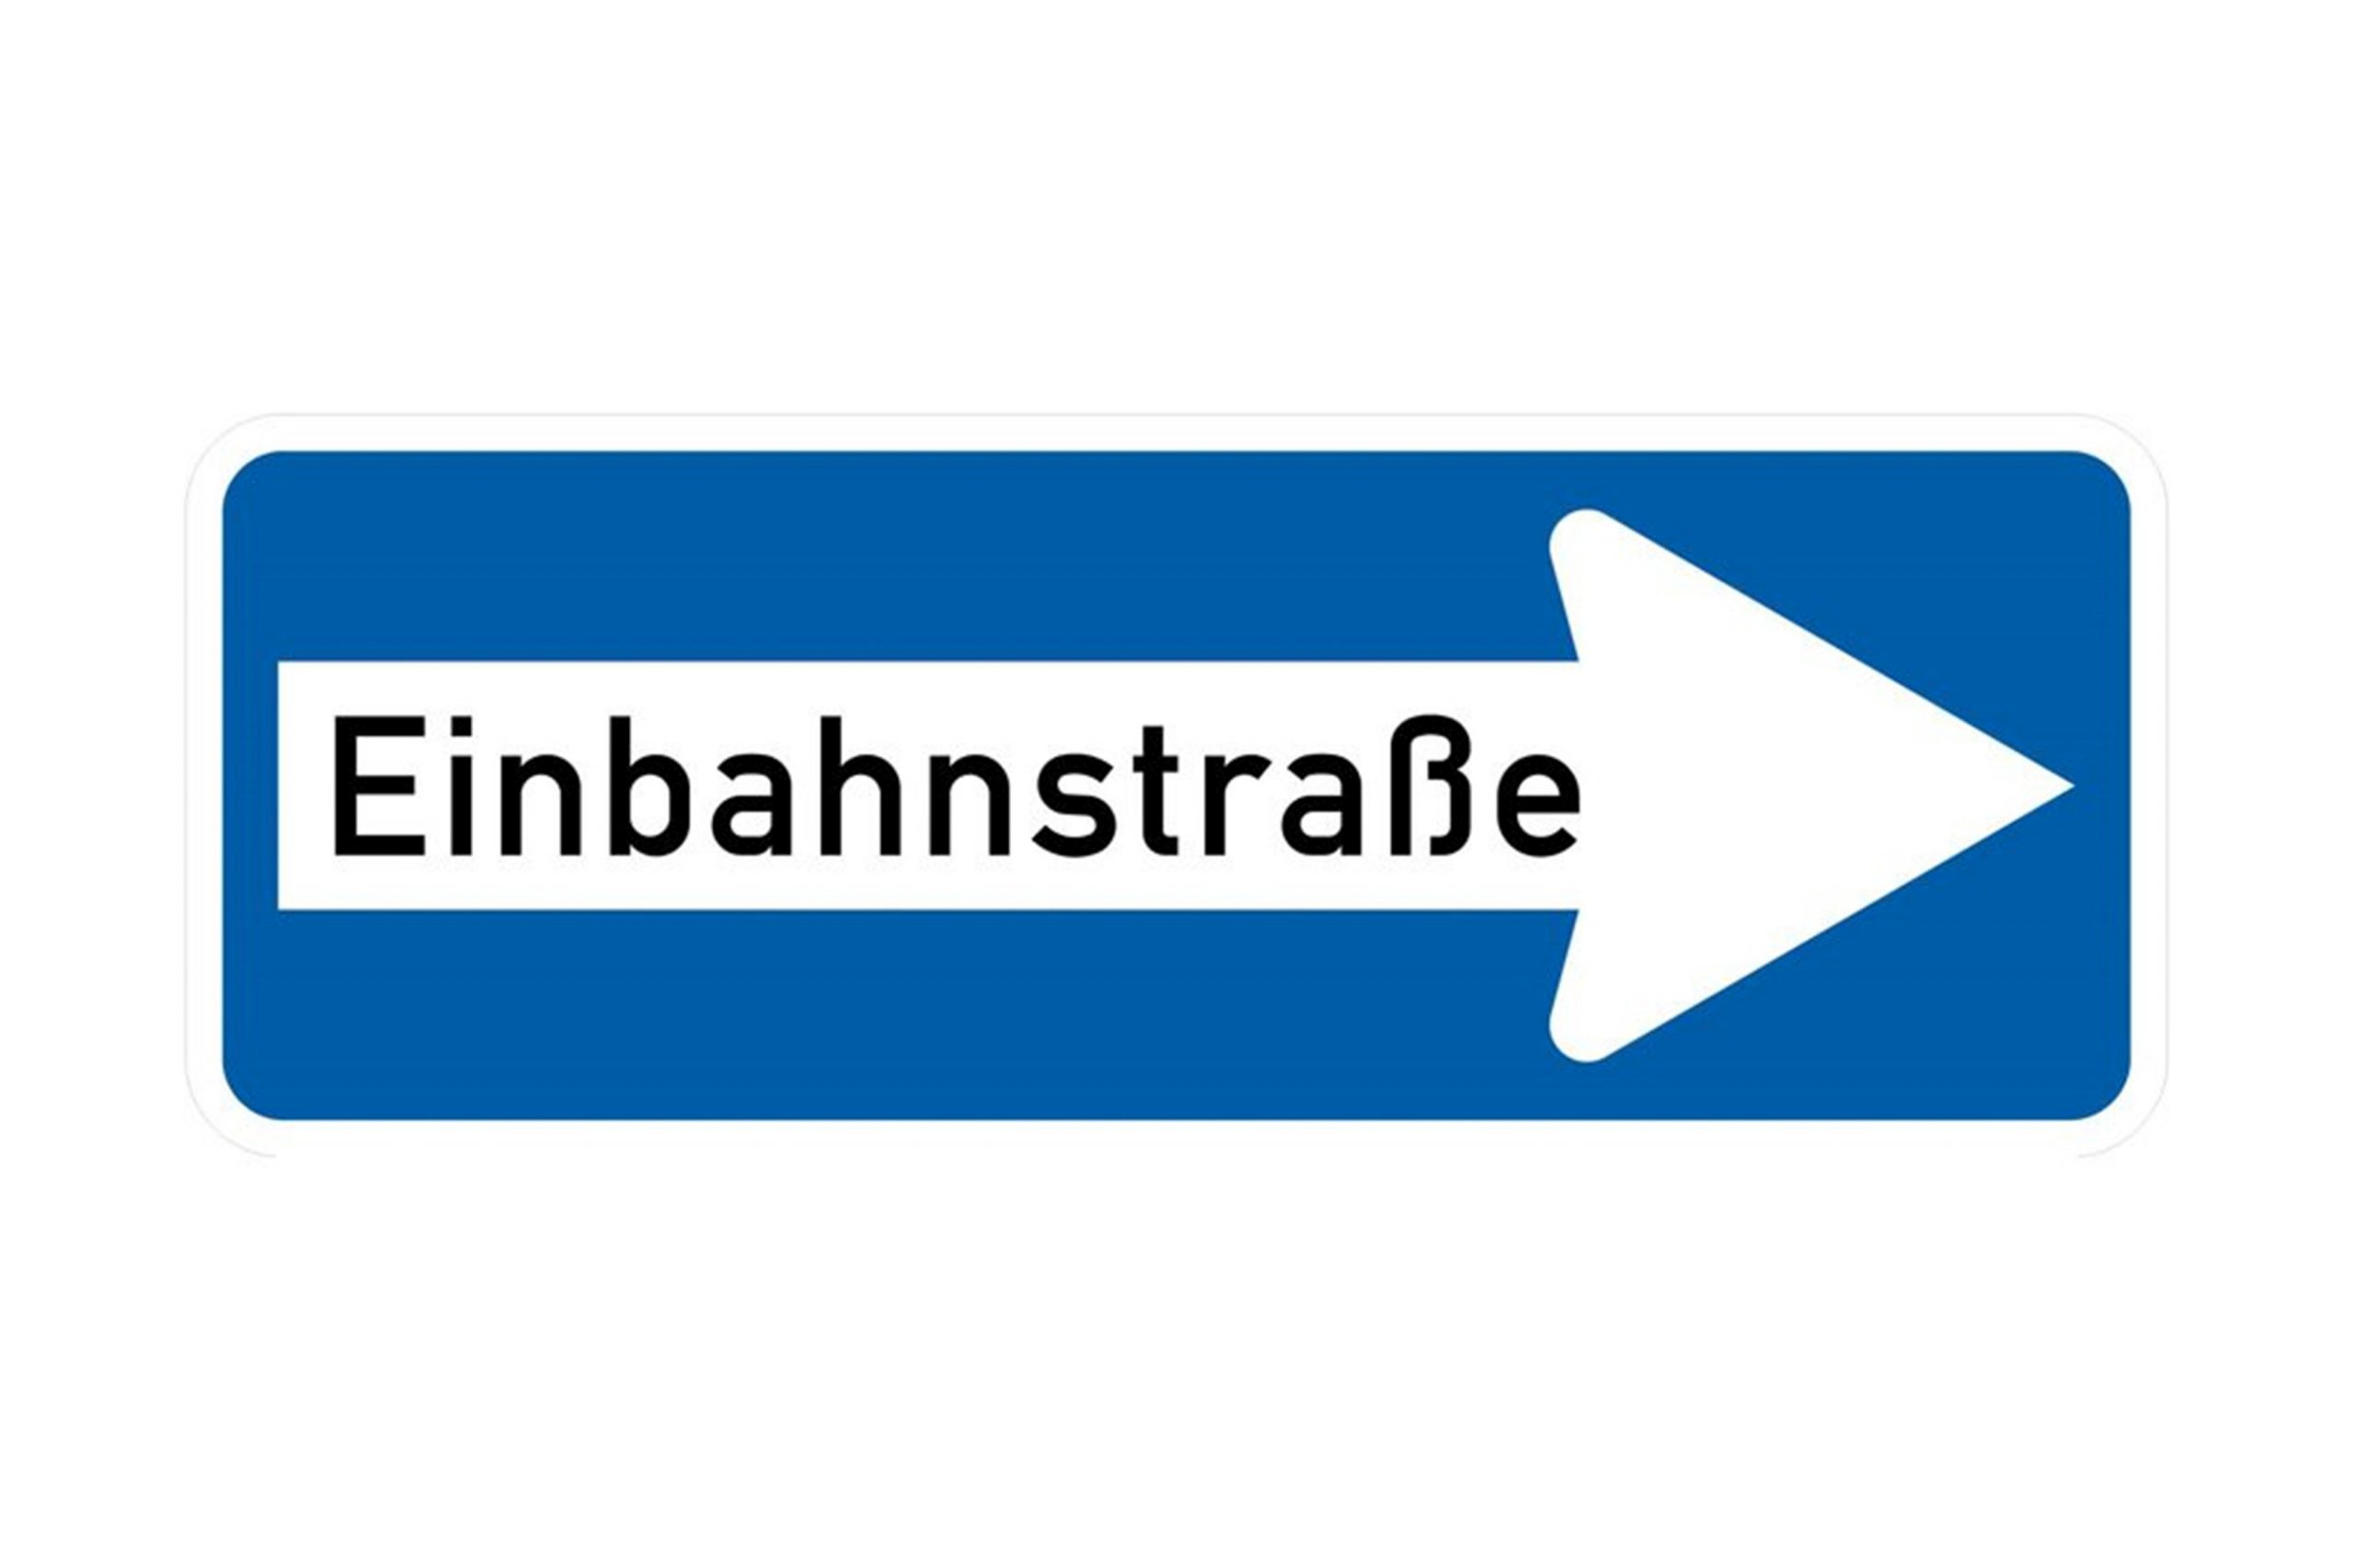 Einbahnstraßen-Schilder, damit alle Kunden vom Eingang durch die Apotheke bis zum Ausgang in eine Richtung gehen.